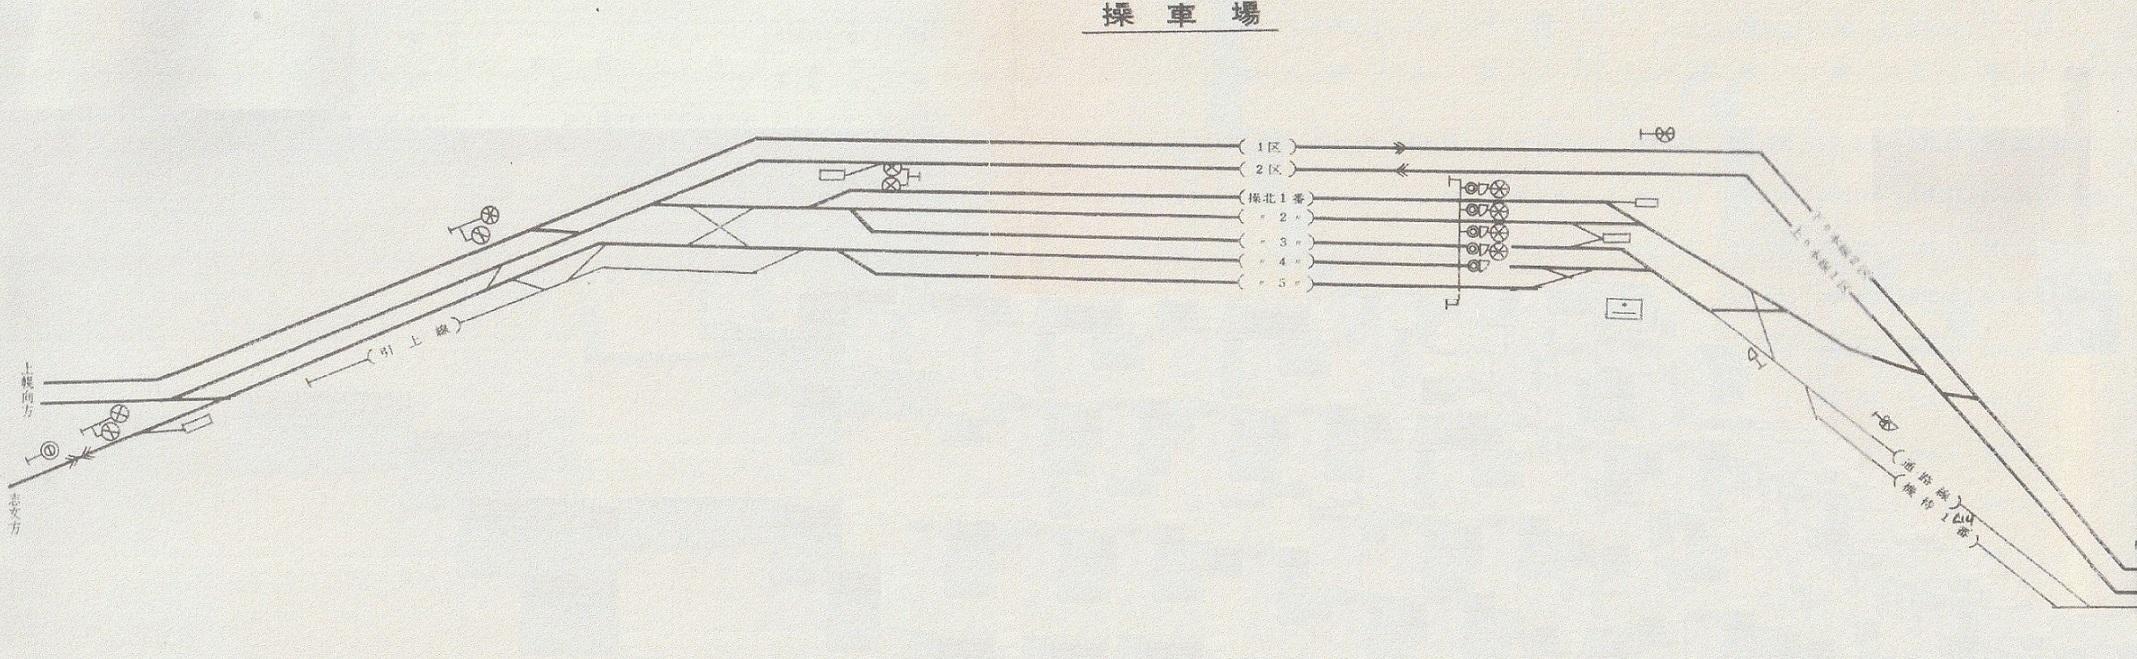 岩見沢駅岩北構内配線略図a01